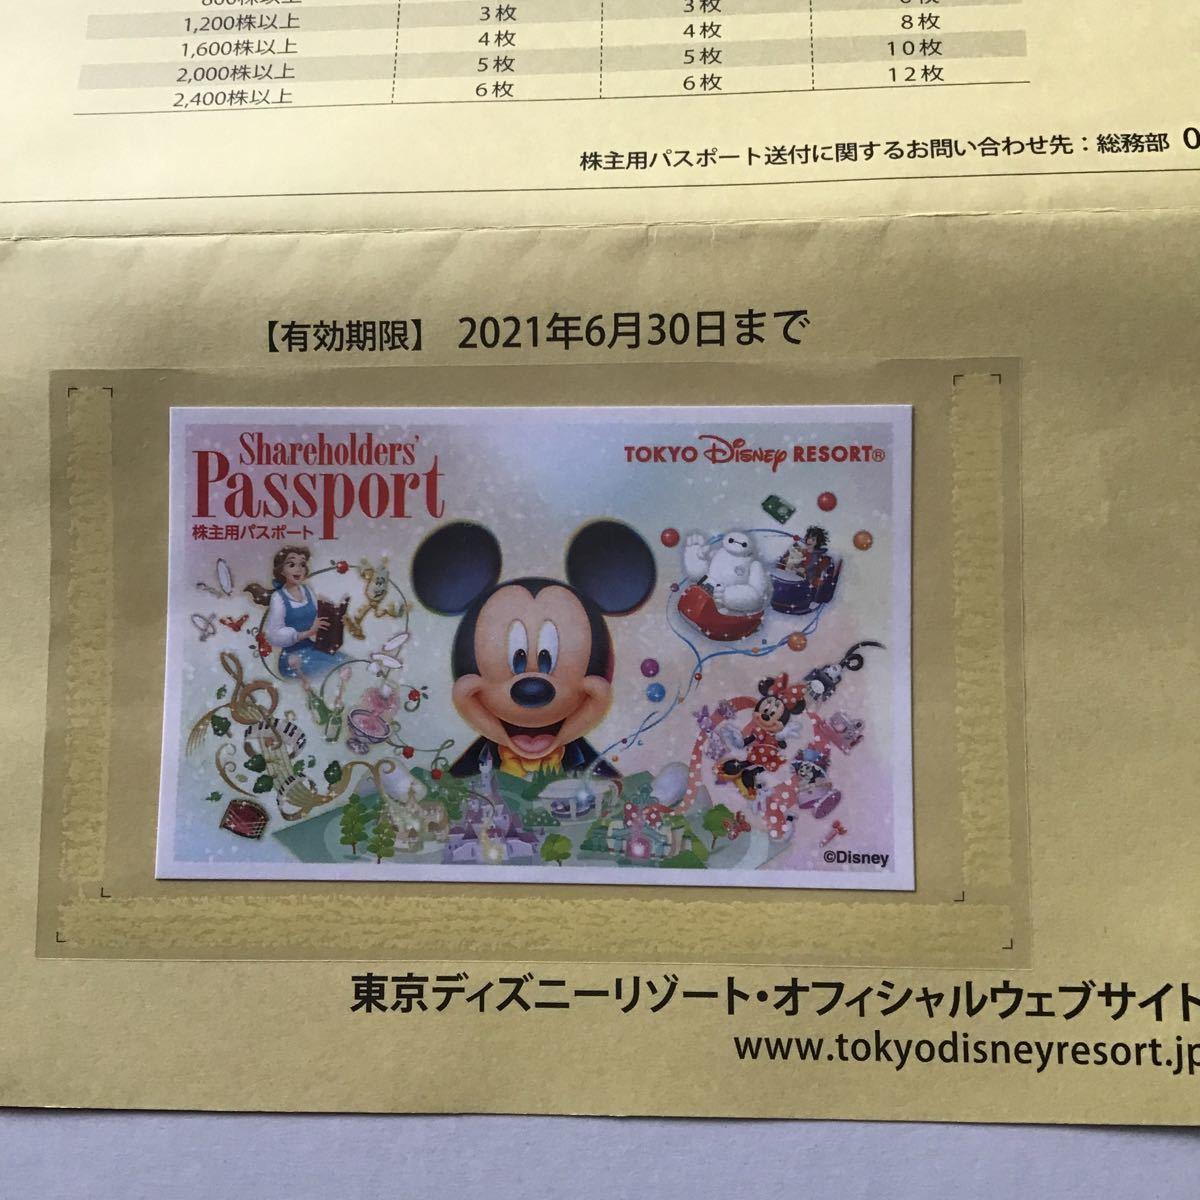 東京ディズニーリゾート 株主優待パスポート オリエンタルランド 株主優待券 チケット パスポート 2022年1月31日 有効期限_画像2